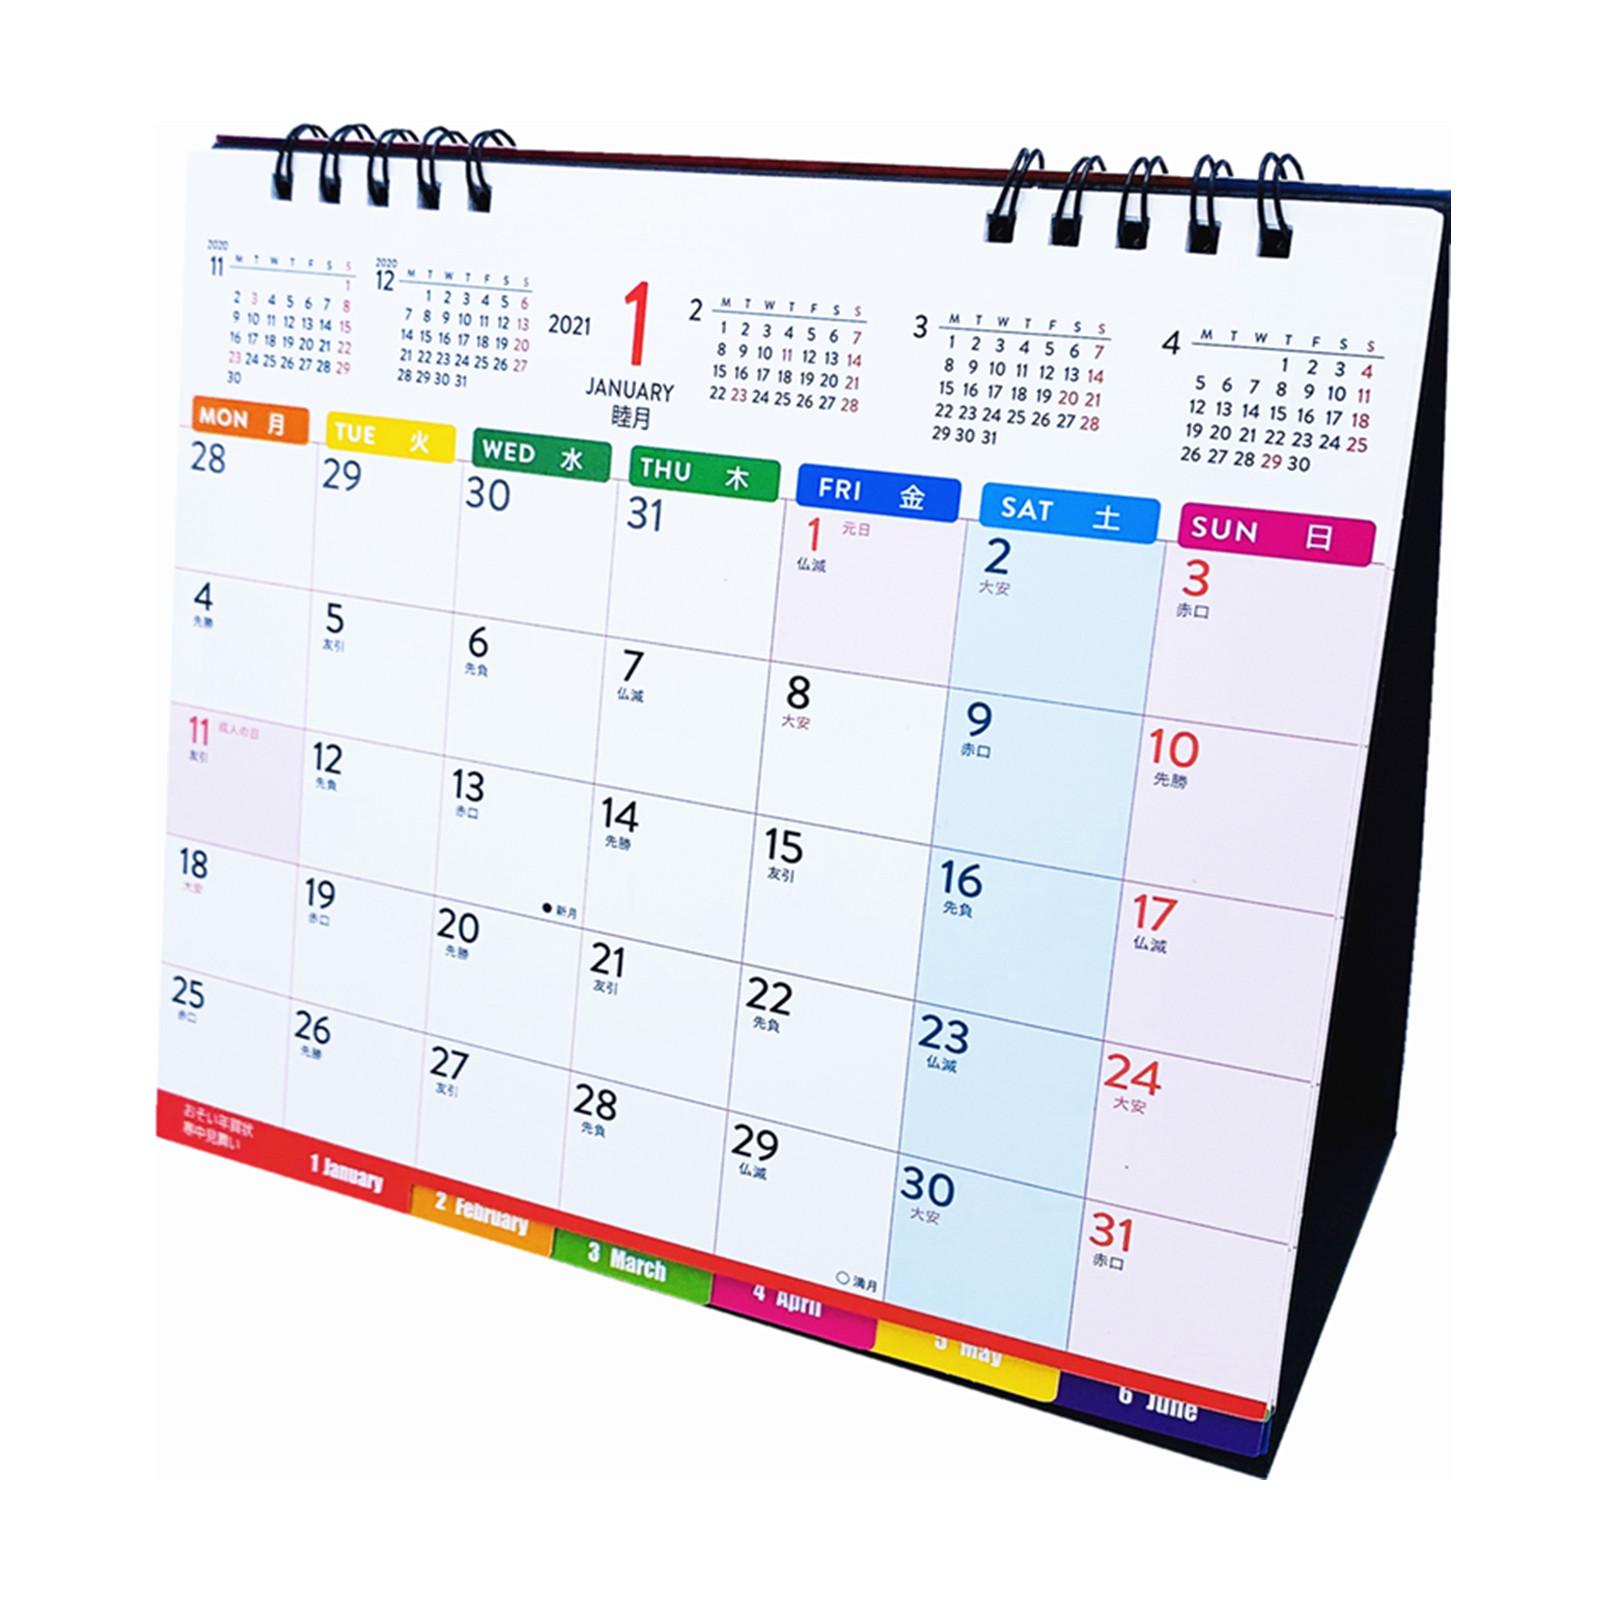 2020年12月始まり カレンダー おしゃれ シンプル 卓上カレンダー 2021年 卓上 2021年カレンダー デスク 2021カレンダー 年間カレンダー 暦 スケジュール ディスク  【正規品】 Supracing シュプレーシング 2021年 カレンダー 【2020年12月始まり】 6か月ひと目 卓上カレンダー 実用性抜群 (月曜日から)※※※本製品は2021年オリンピック特措法改正による祝日に対応しており。